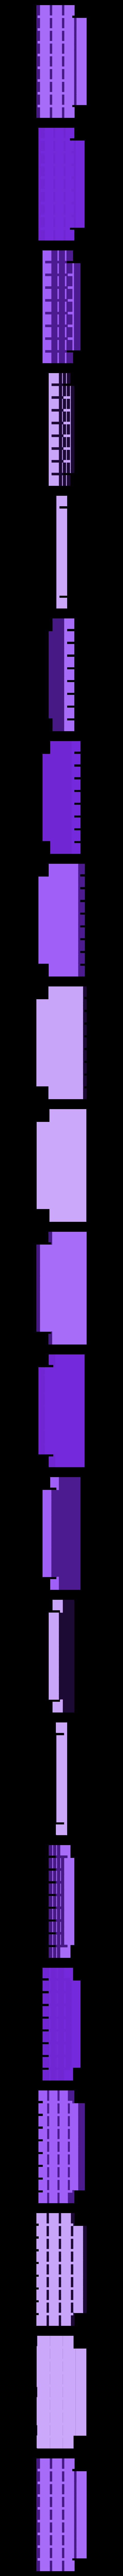 pet-keys.stl Télécharger fichier STL gratuit Mini Commodore PET with Charlieplexed LED Matrix • Plan à imprimer en 3D, Adafruit